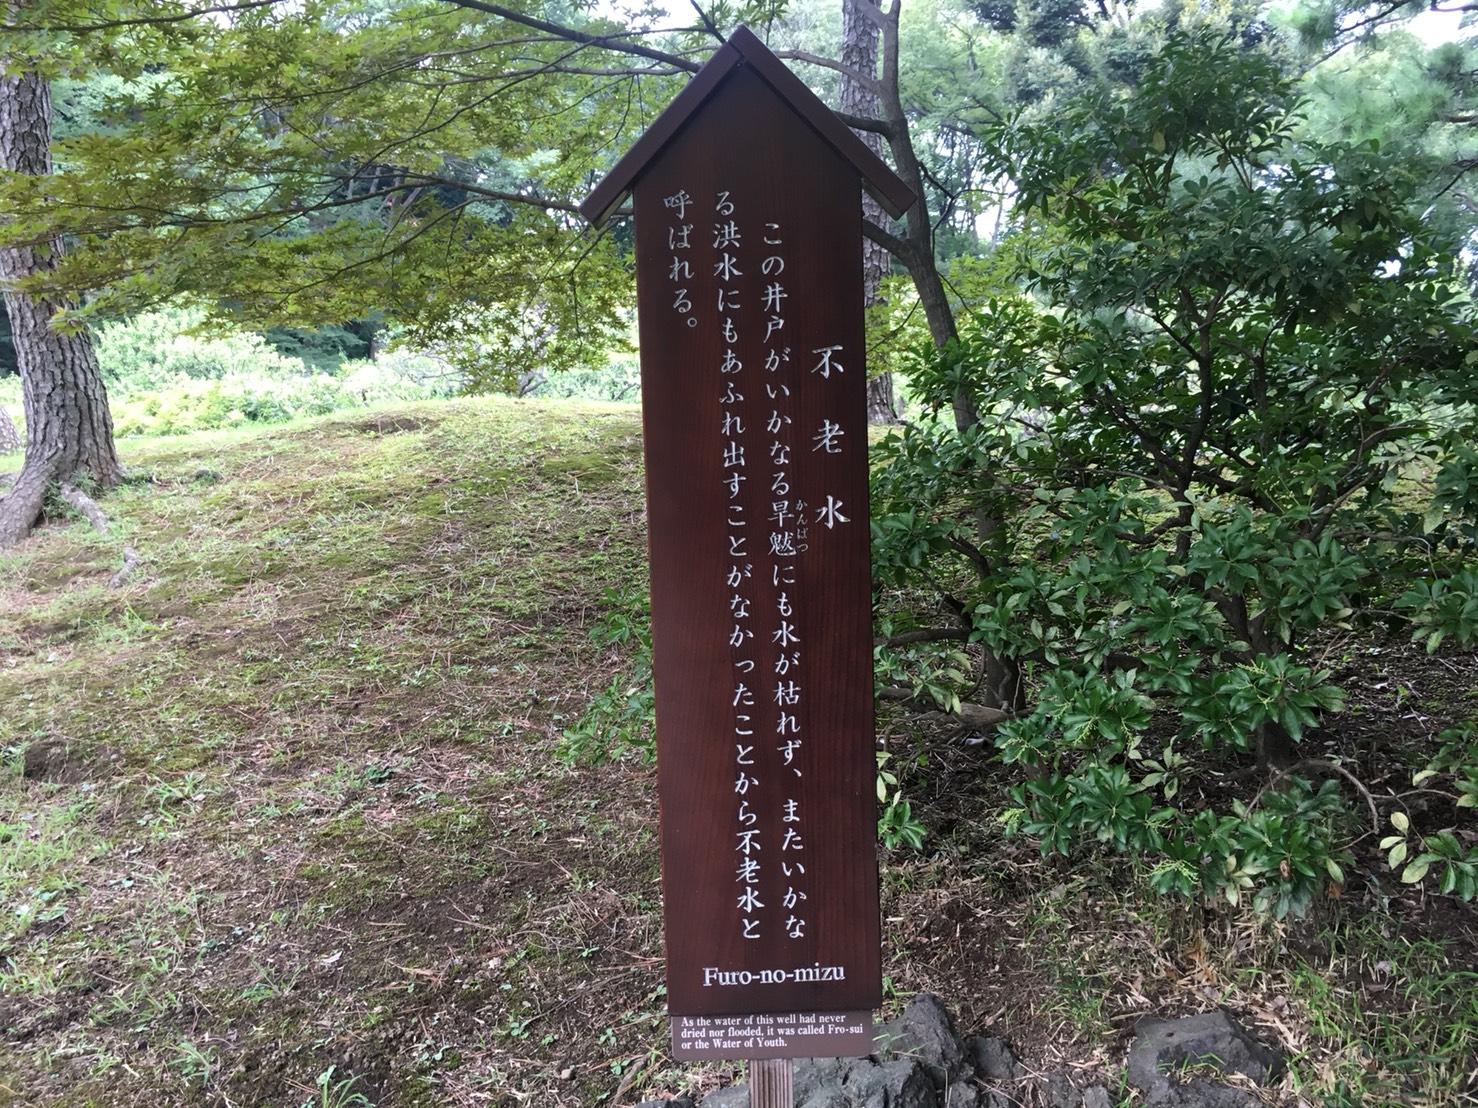 【飯田橋駅】江戸時代の中国趣味豊かな景観で一句「小石川後楽園」の不老水の看板